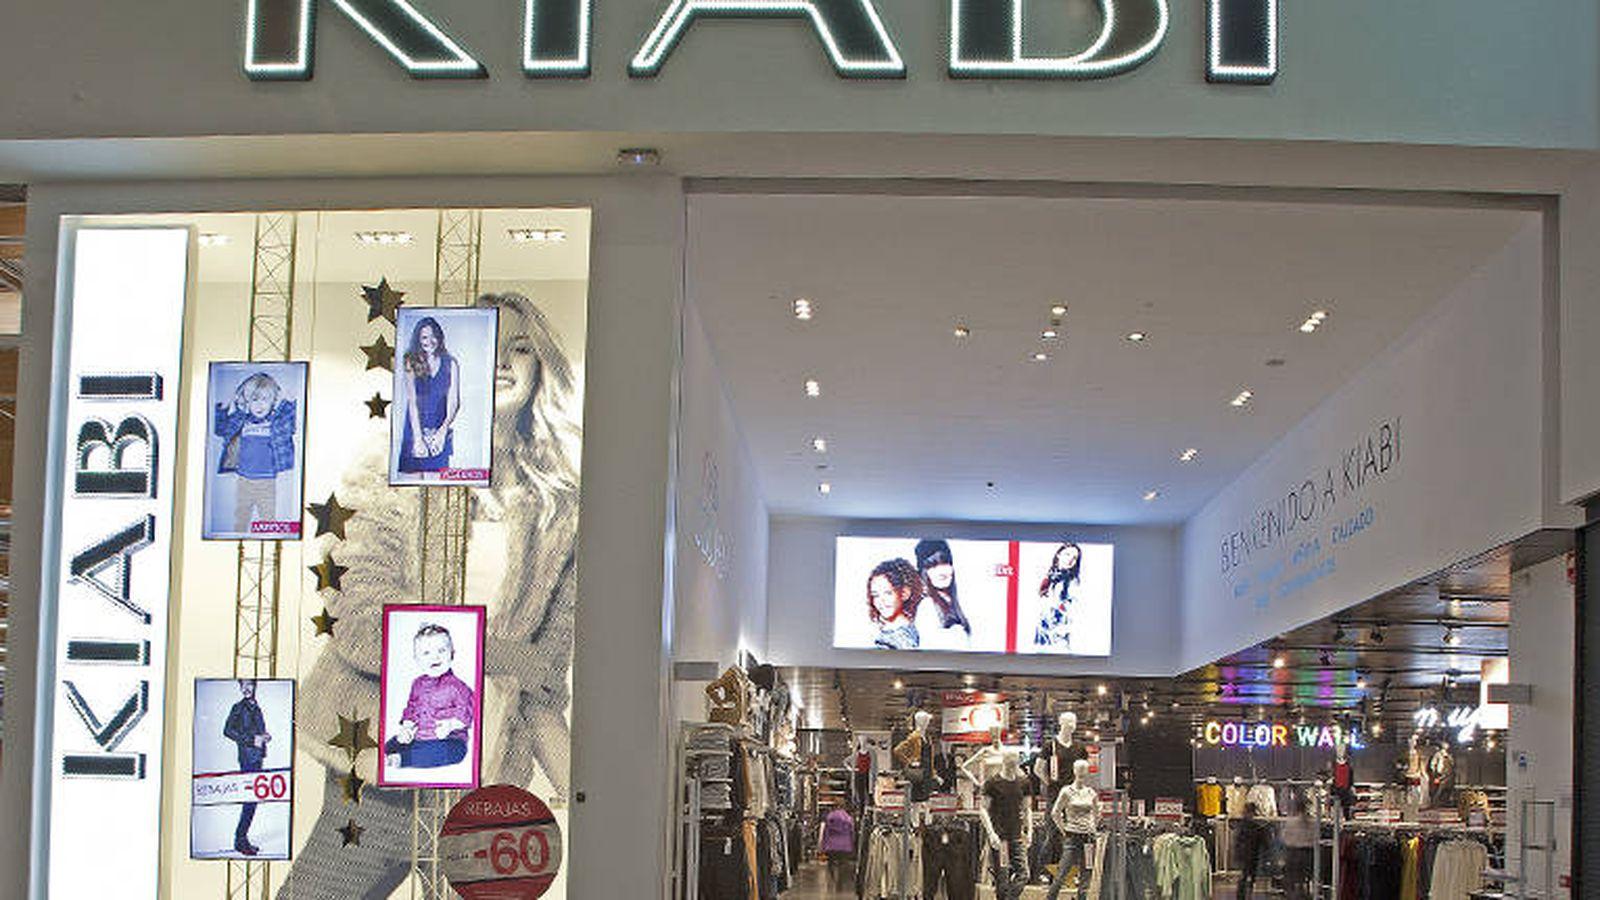 Foto: Tienda en el centro comercial Isla Azul de Kiabi, que está inmersa es un ambicioso plan de expansión en España.